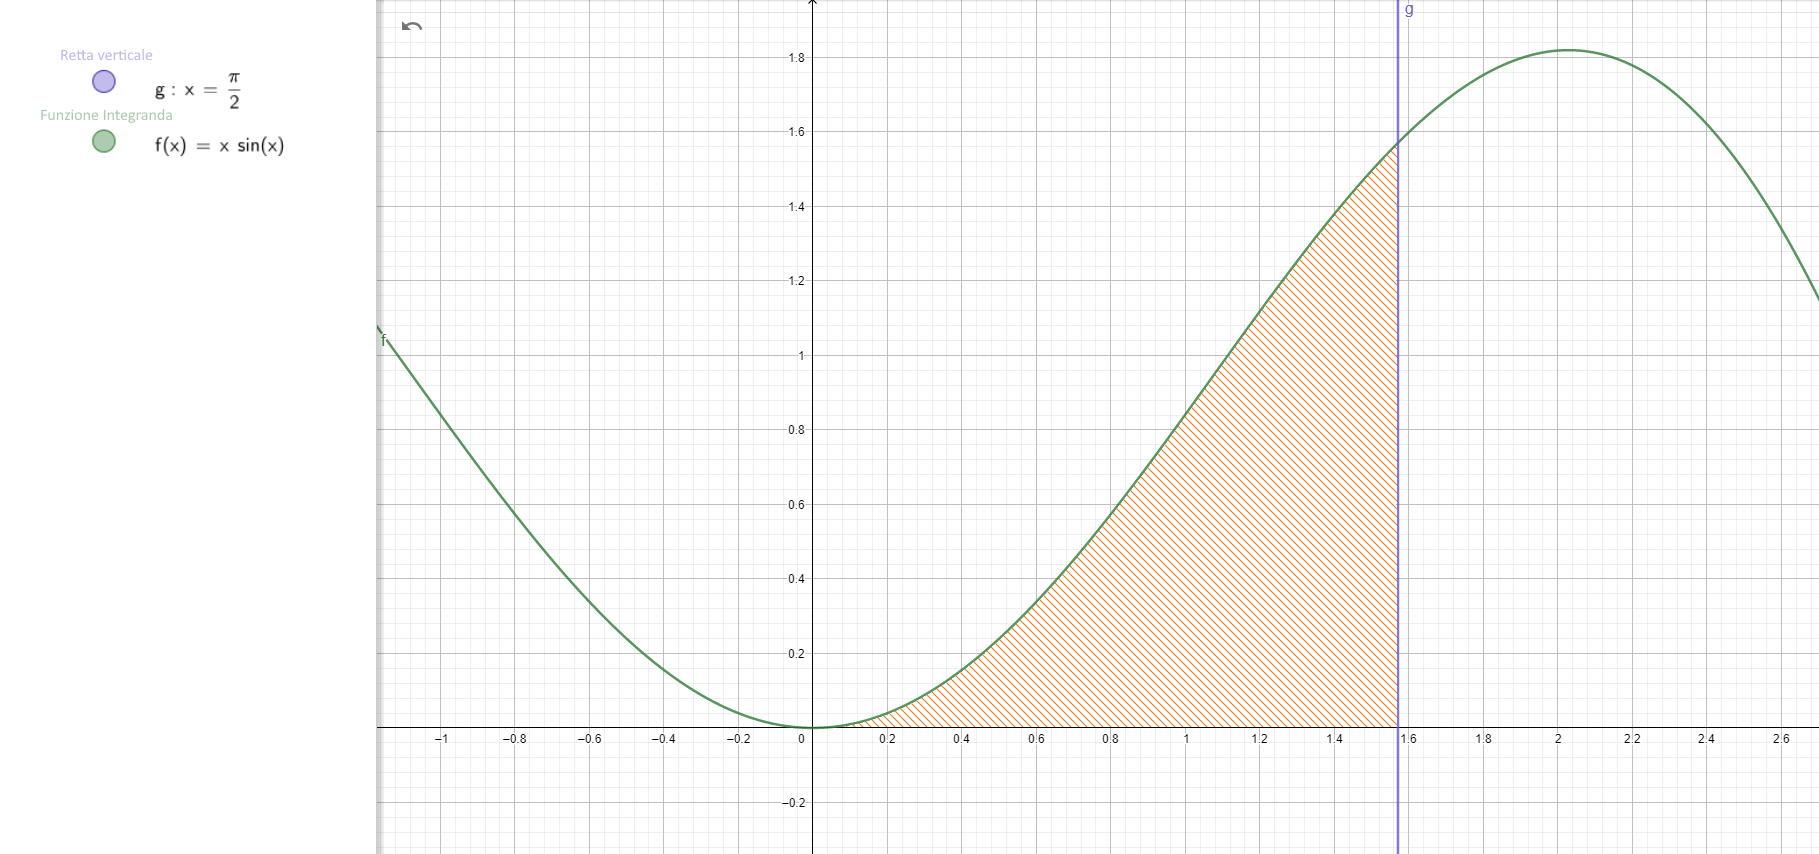 Analisi Matematica - f(x)=xsen(x) - Integrale definito - AM042-02